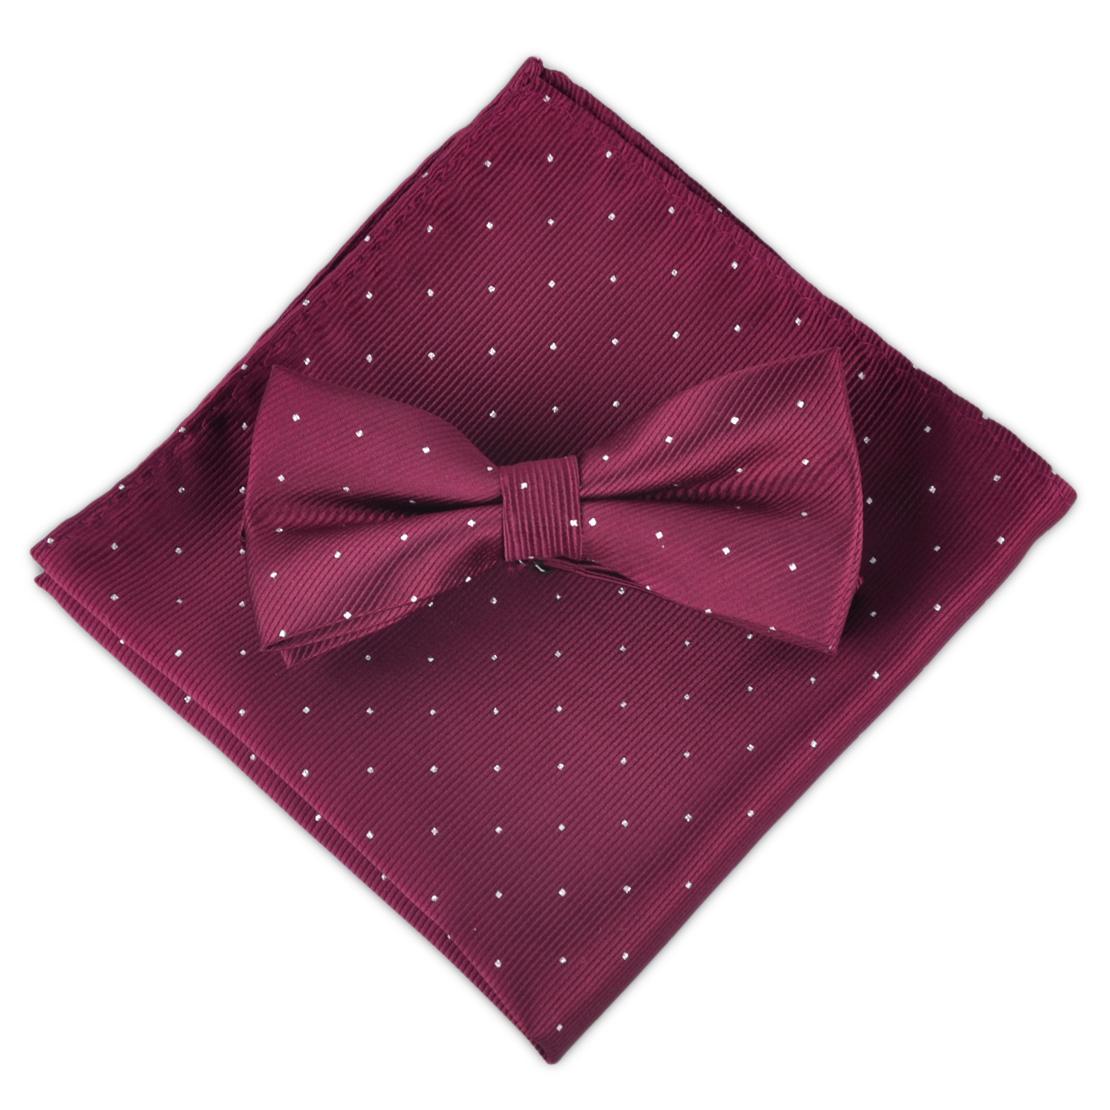 [해외]ciciTree 남자 폴카 도트 나비 나비 넥타이 + 포켓 스퀘어 키트, 조정 가능한 나비 넥타이 결혼식 파티를턱시도 넥타이 손수건/ciciTree Men Polka Dot Butterfly Bowtie + Pocket Square kit, Adjustable